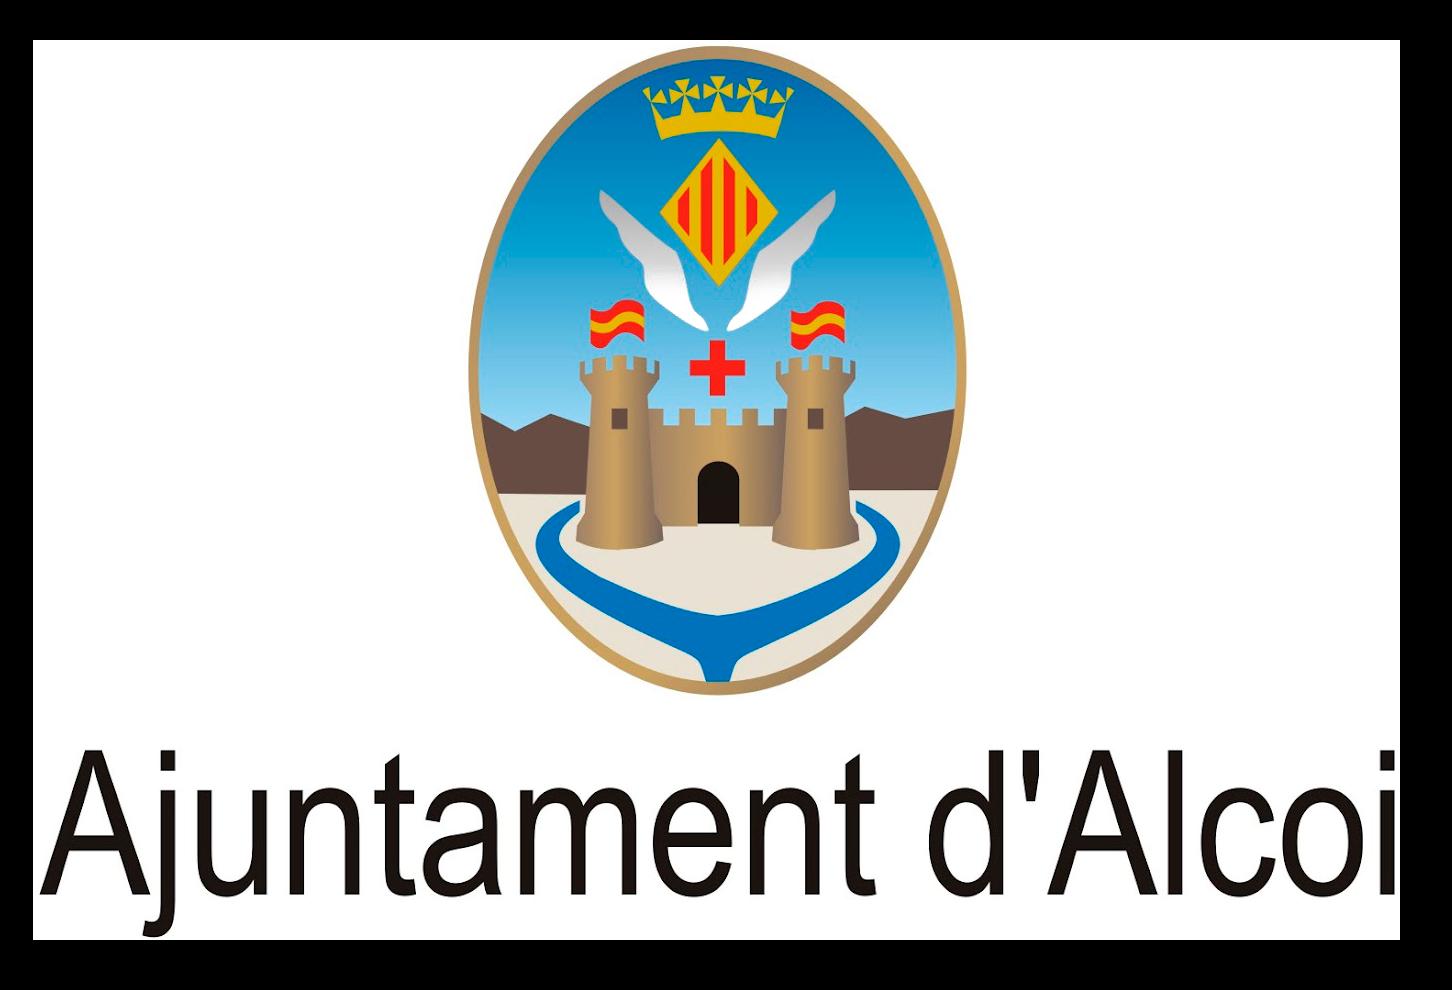 logo_ajuntament_de_alcoi_sin_fondo.png